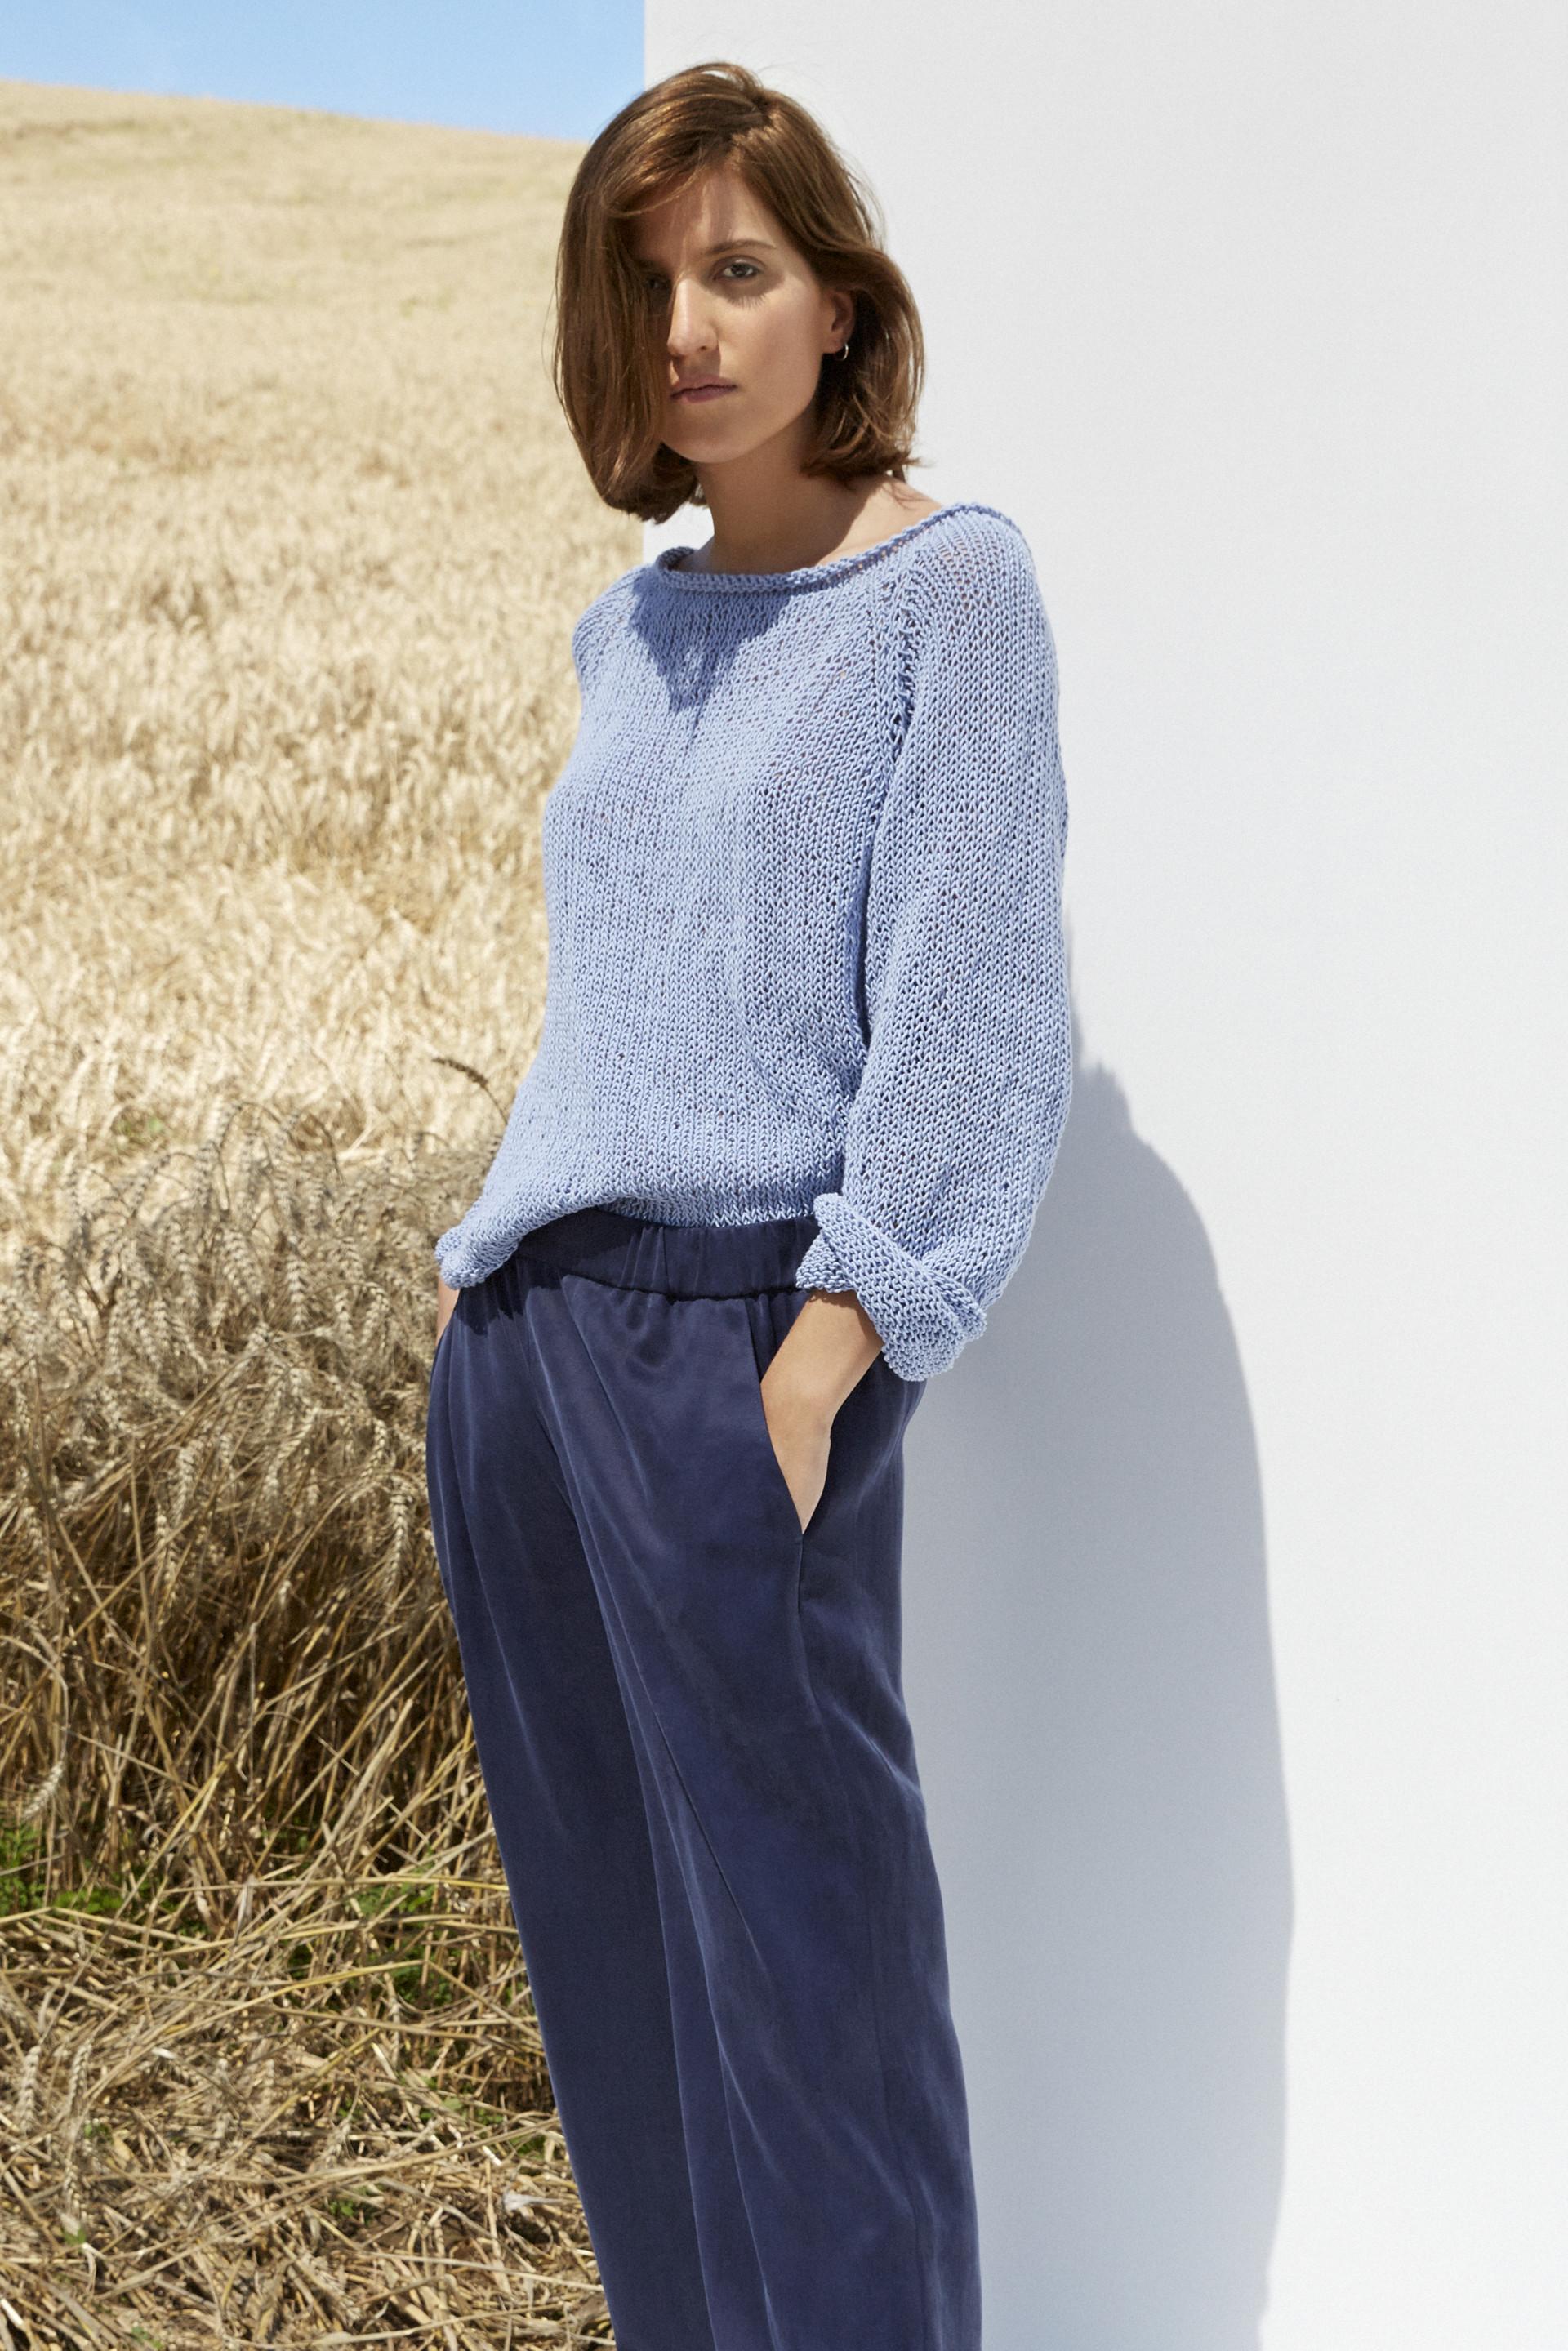 ÁERON - FashionInternational expansion with StyleHub.